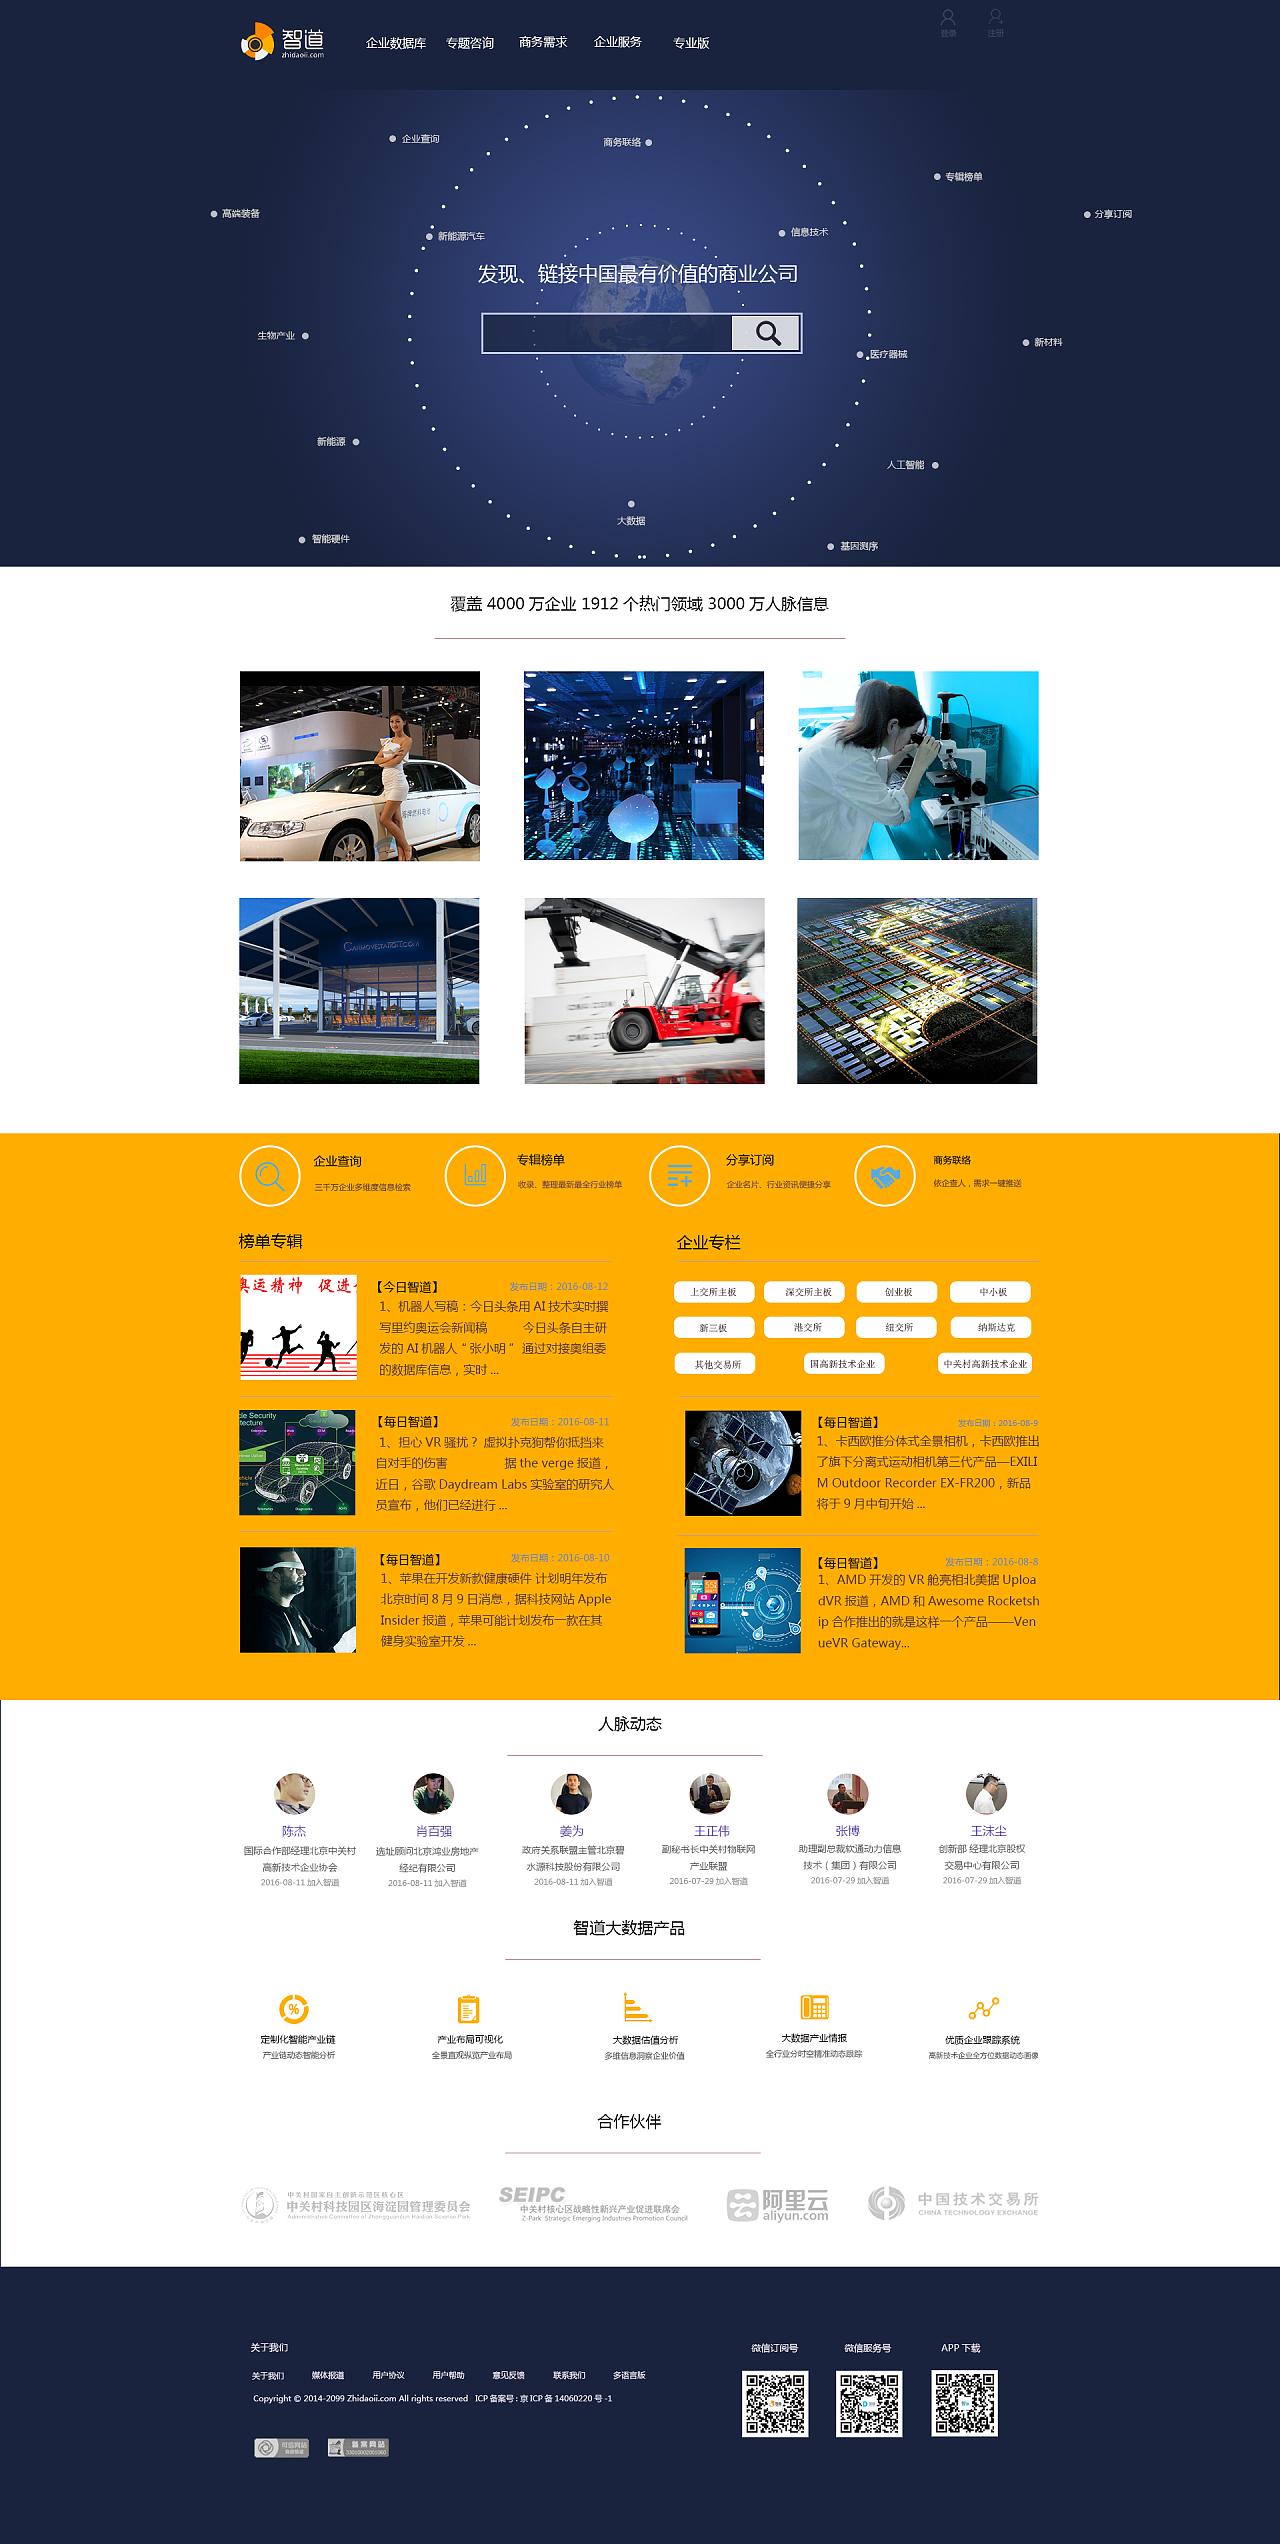 大数据网站界面设计